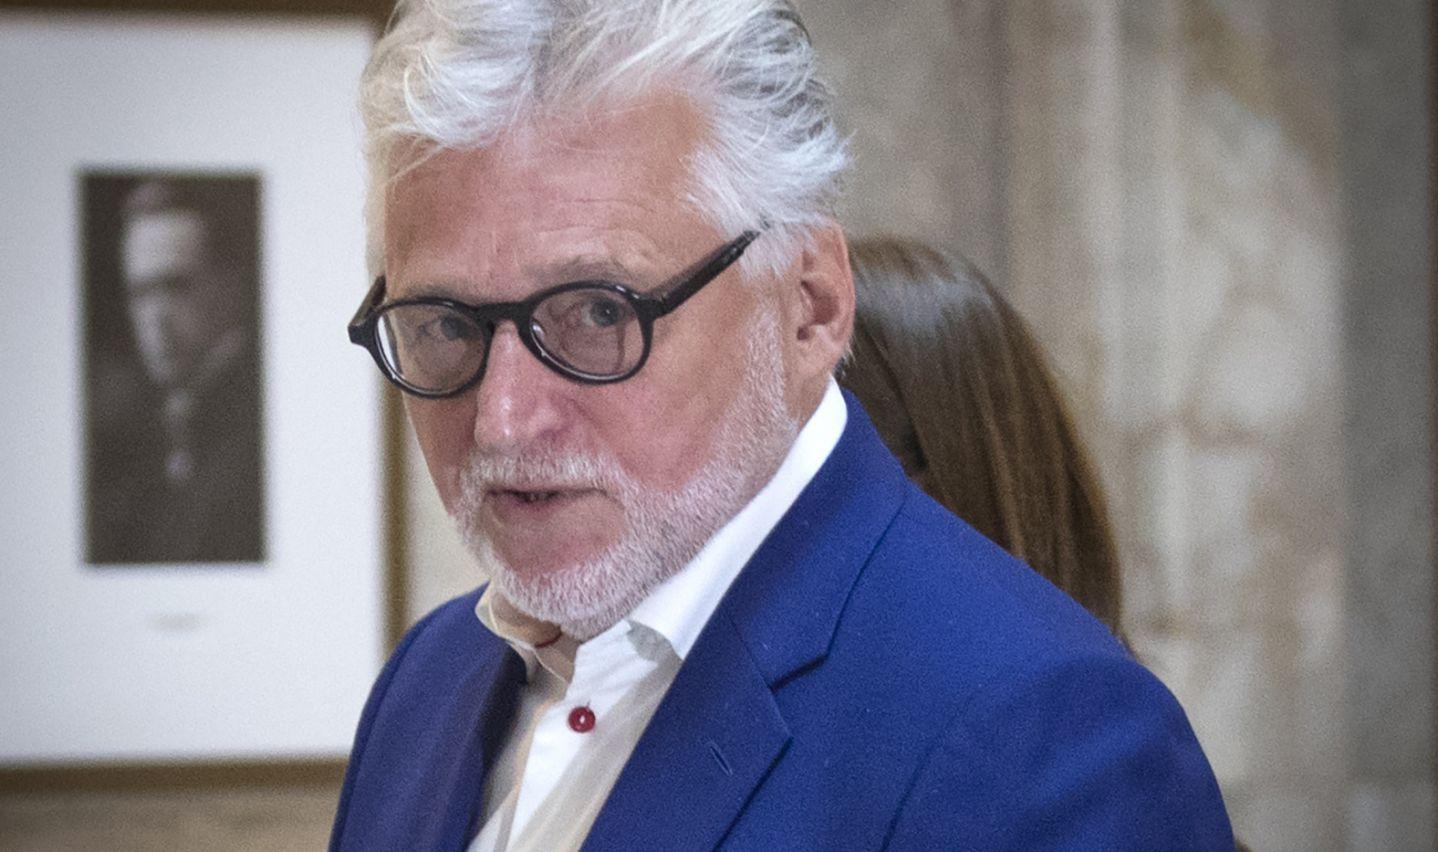 Gilbert Rozon : Une actrice l'accuse d'agression sexuelle et lui réclame une grosse somme d'argent